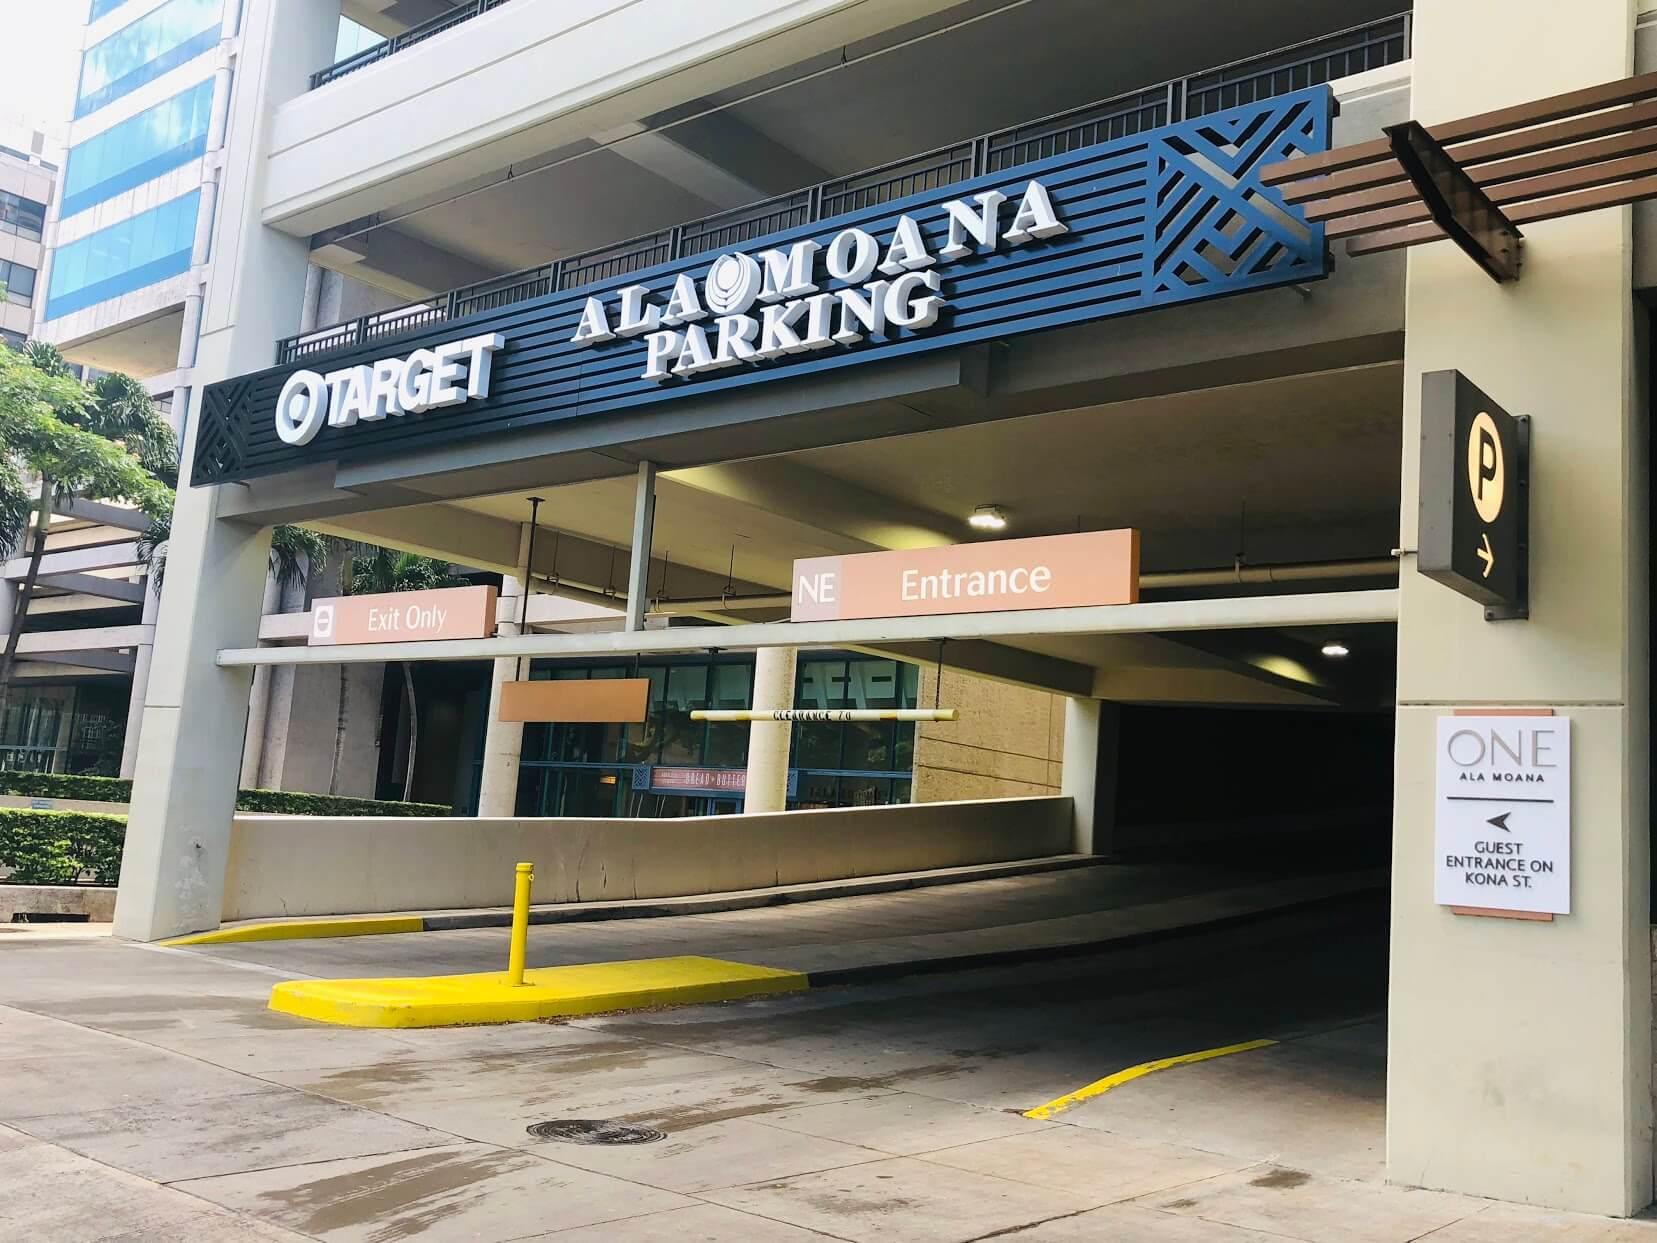 One Ala Moanaの駐車場